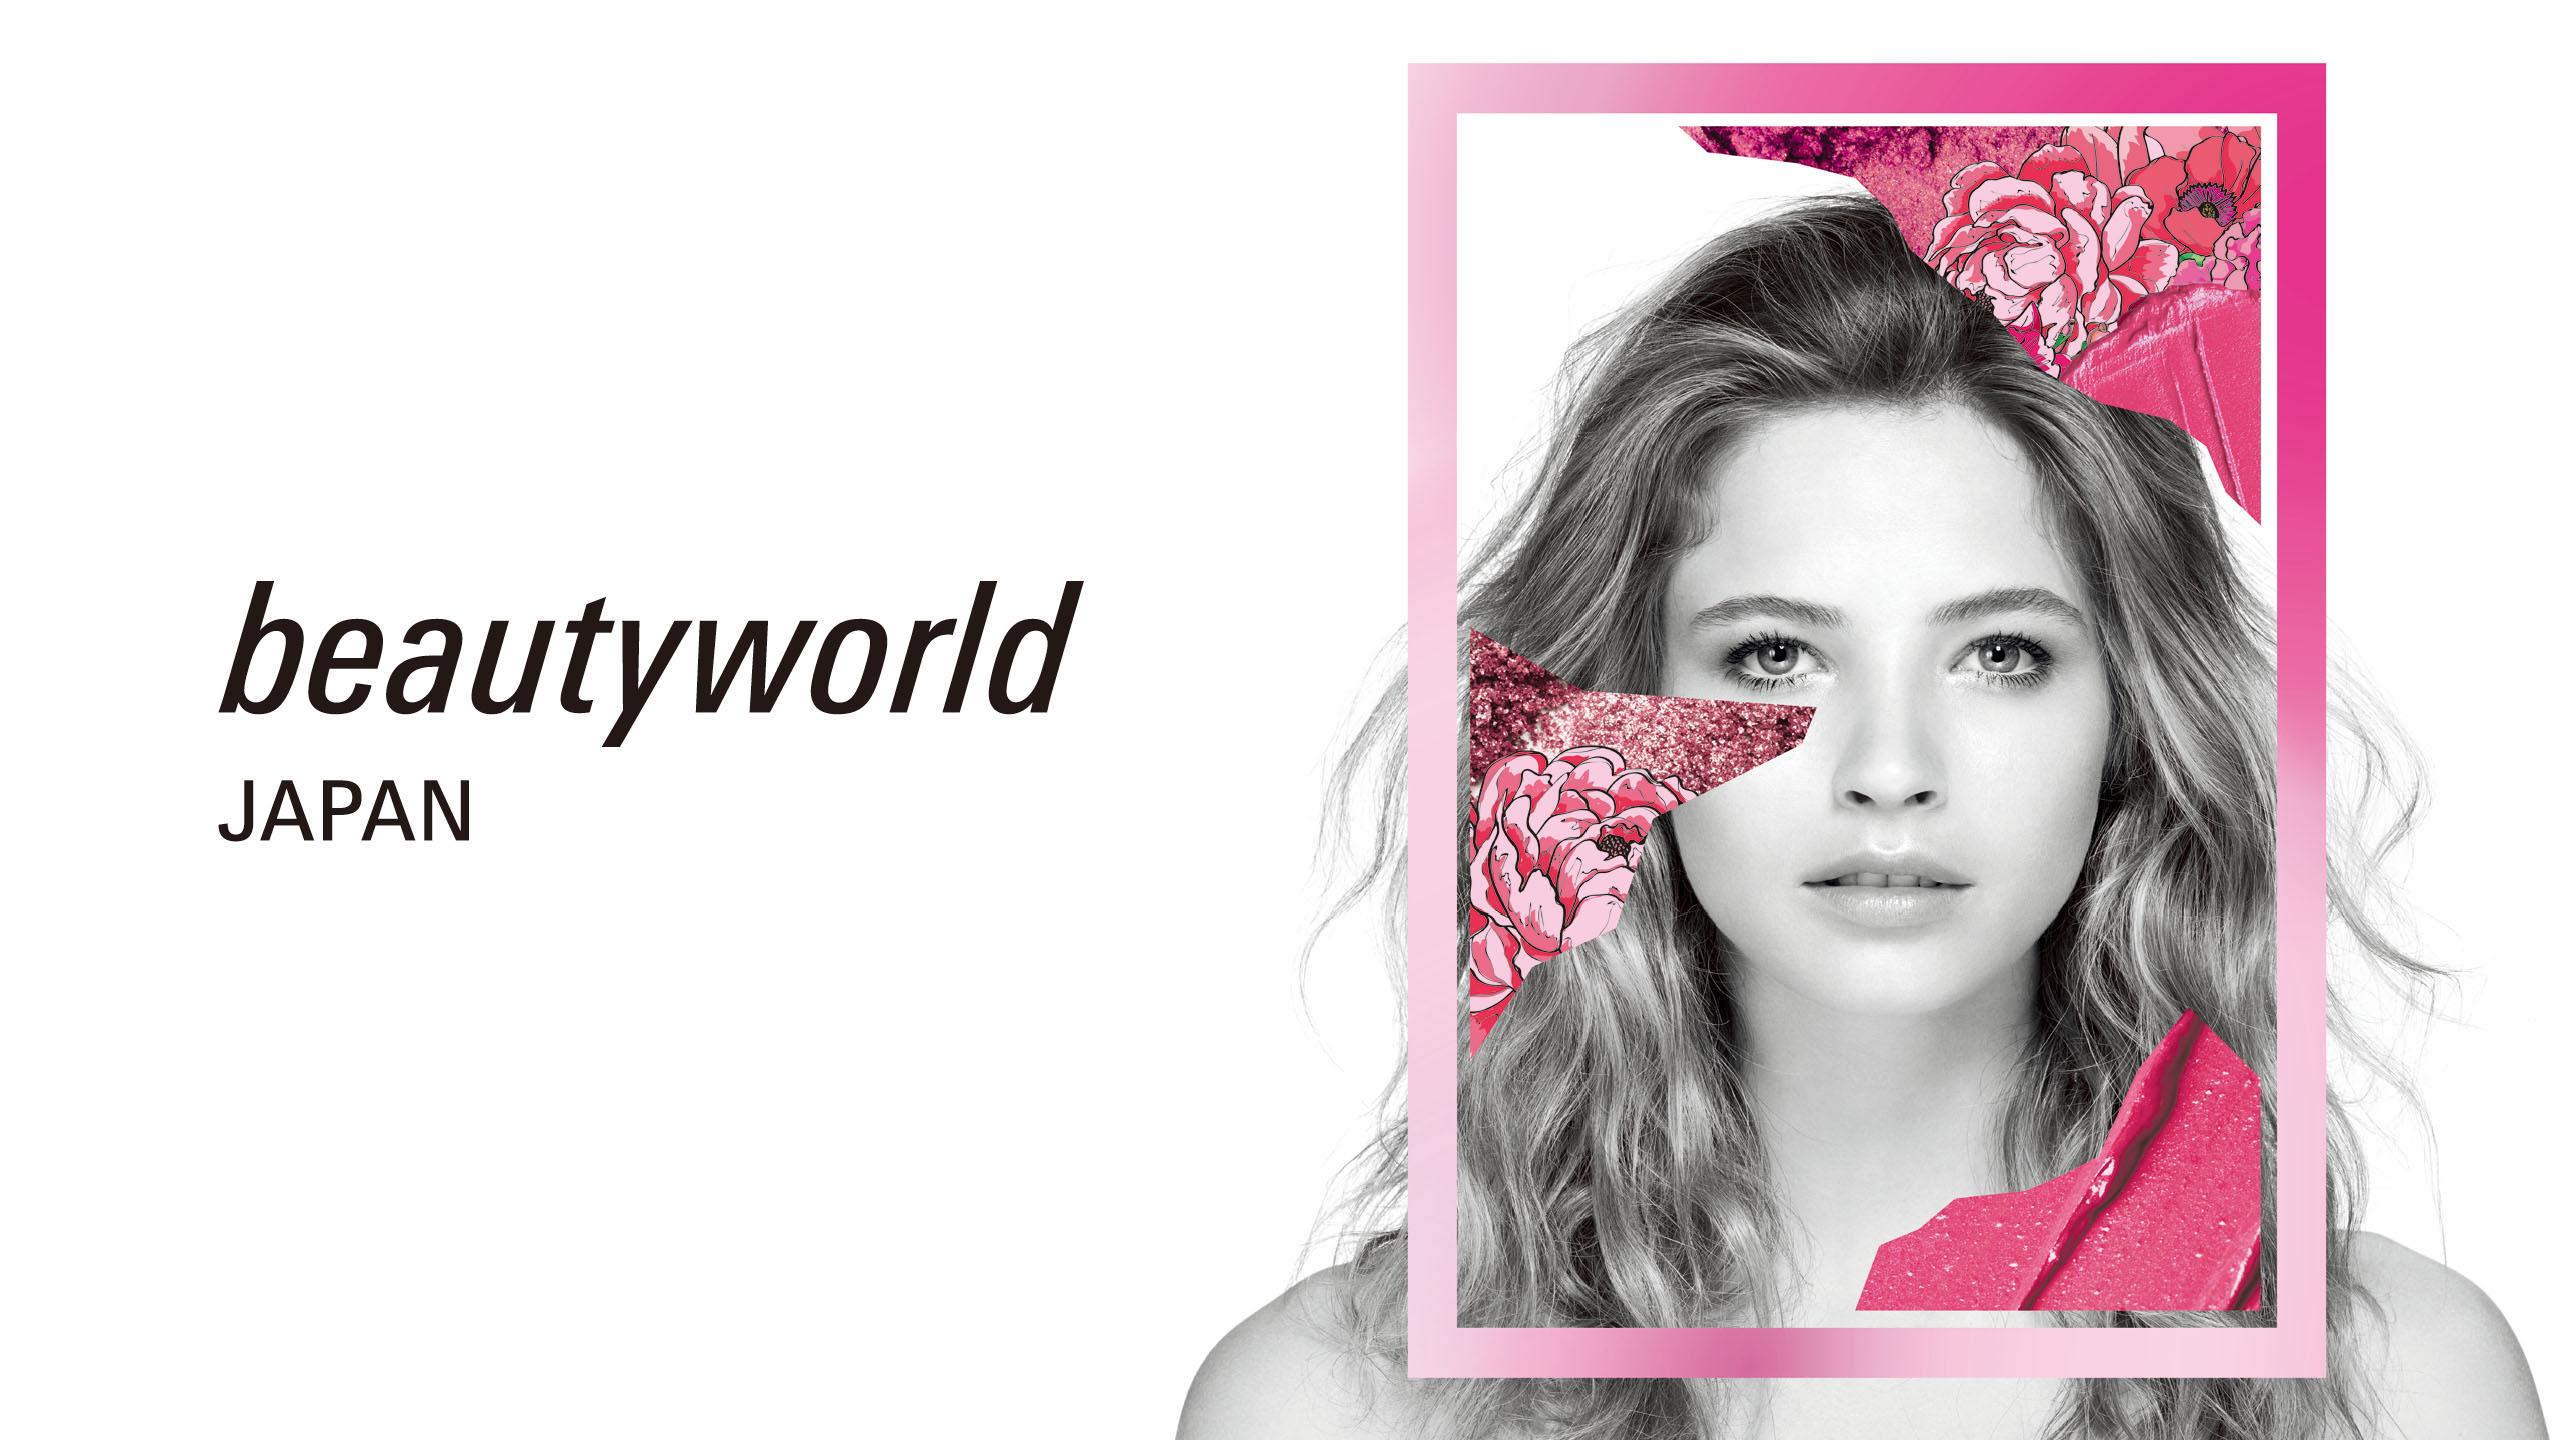 Beautyworld worldwide